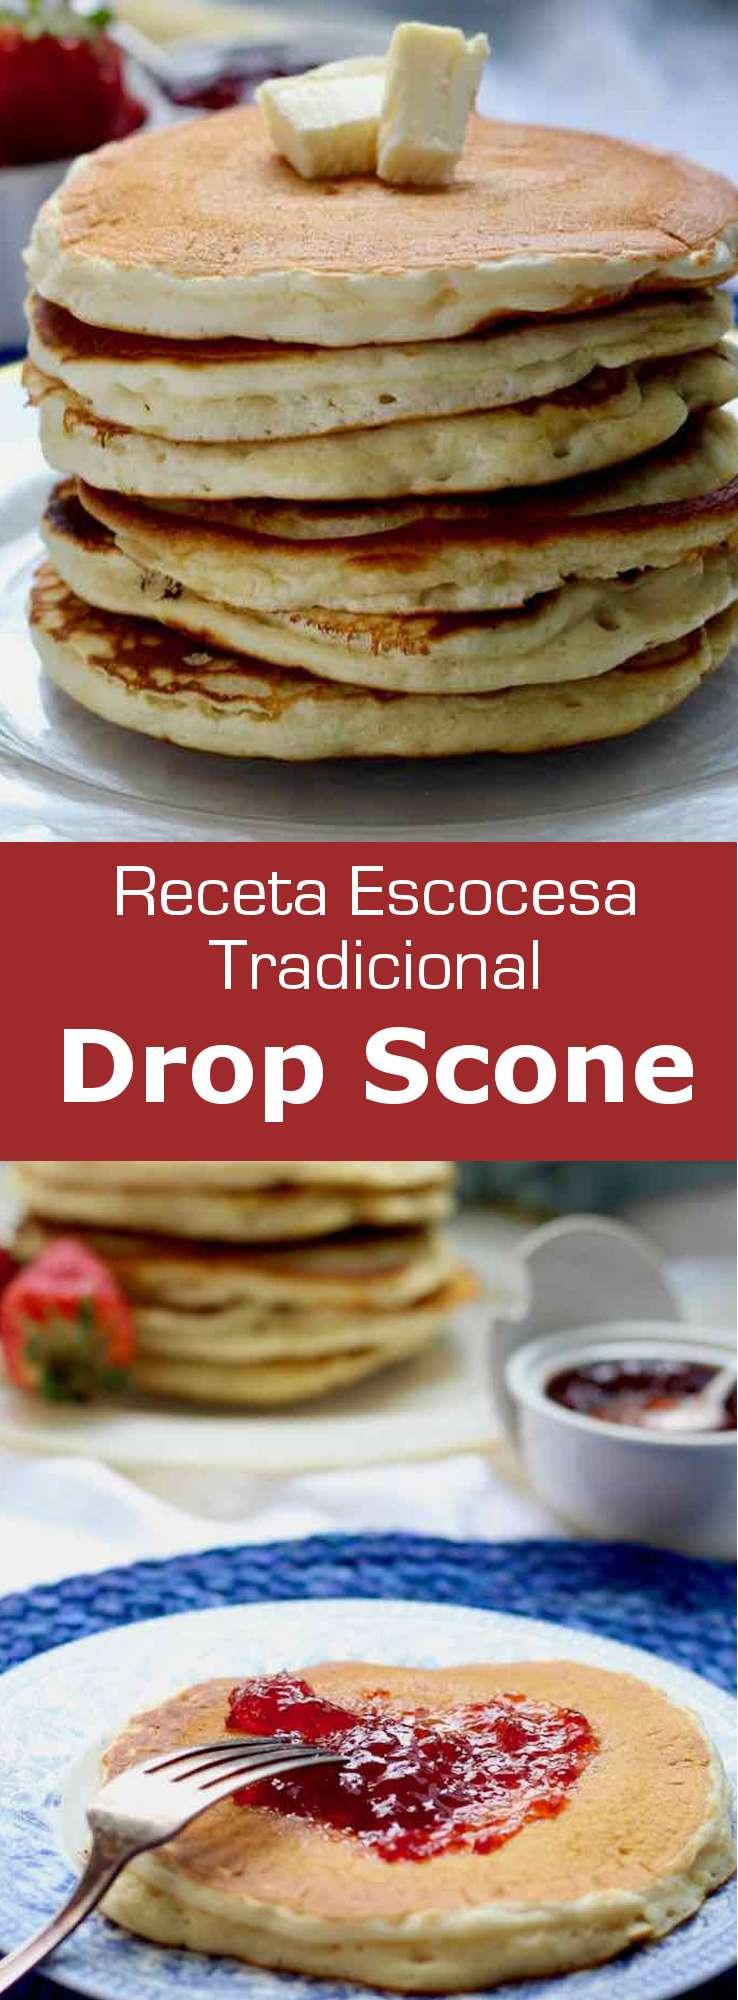 Los drop scones son una variante de los scones tradicionales escoceses. Se cocinan en una sartén y también se conocen como panqueques escoceses.